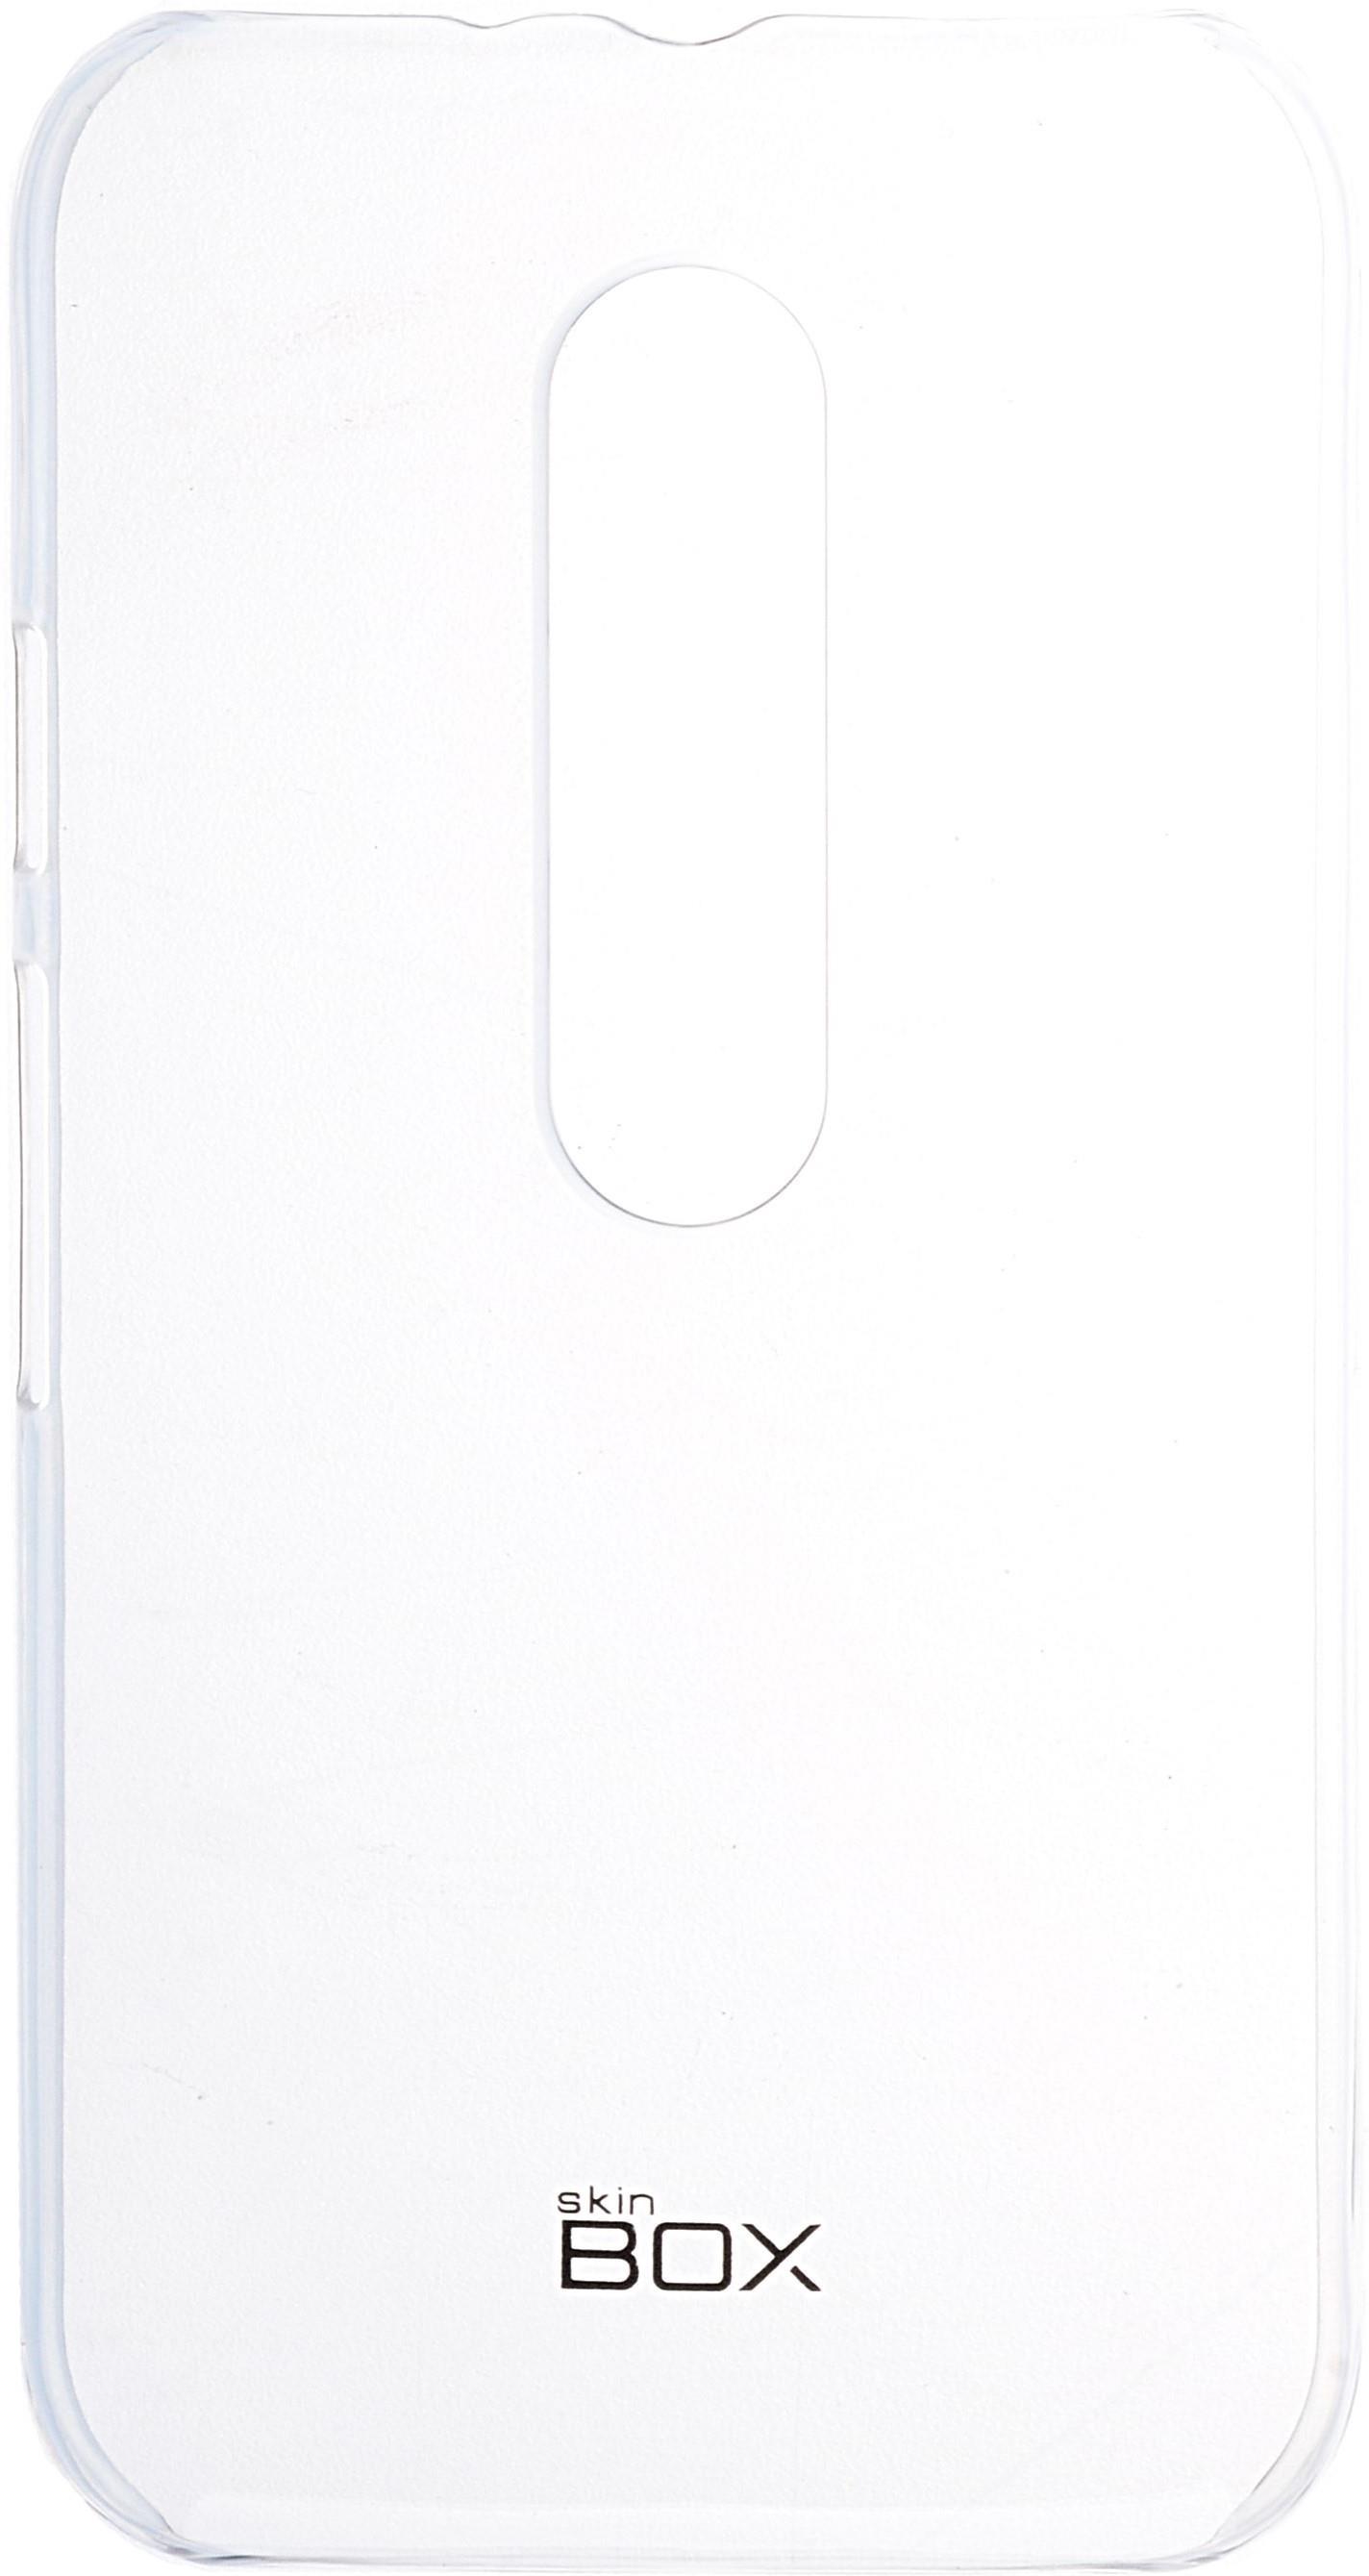 Чехол для сотового телефона skinBOX Crystal, 4630042524873, прозрачный чехол для сотового телефона skinbox crystal 4630042528109 прозрачный